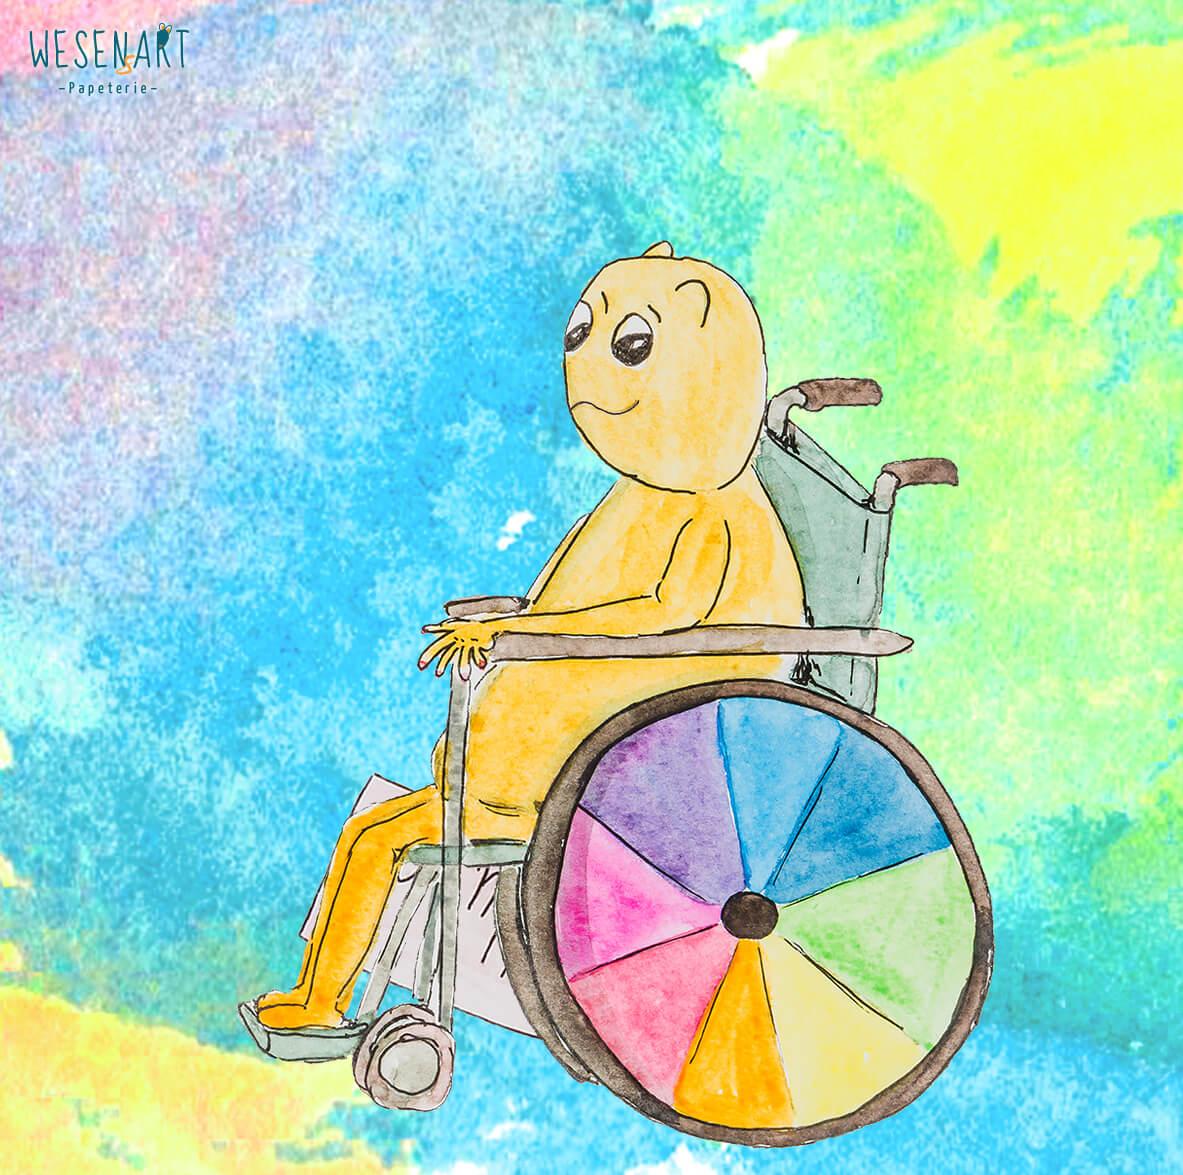 Luca sitzt im Rollstuhl. Der Reifen hat einen Regenbogen-Fächer im Reifen.